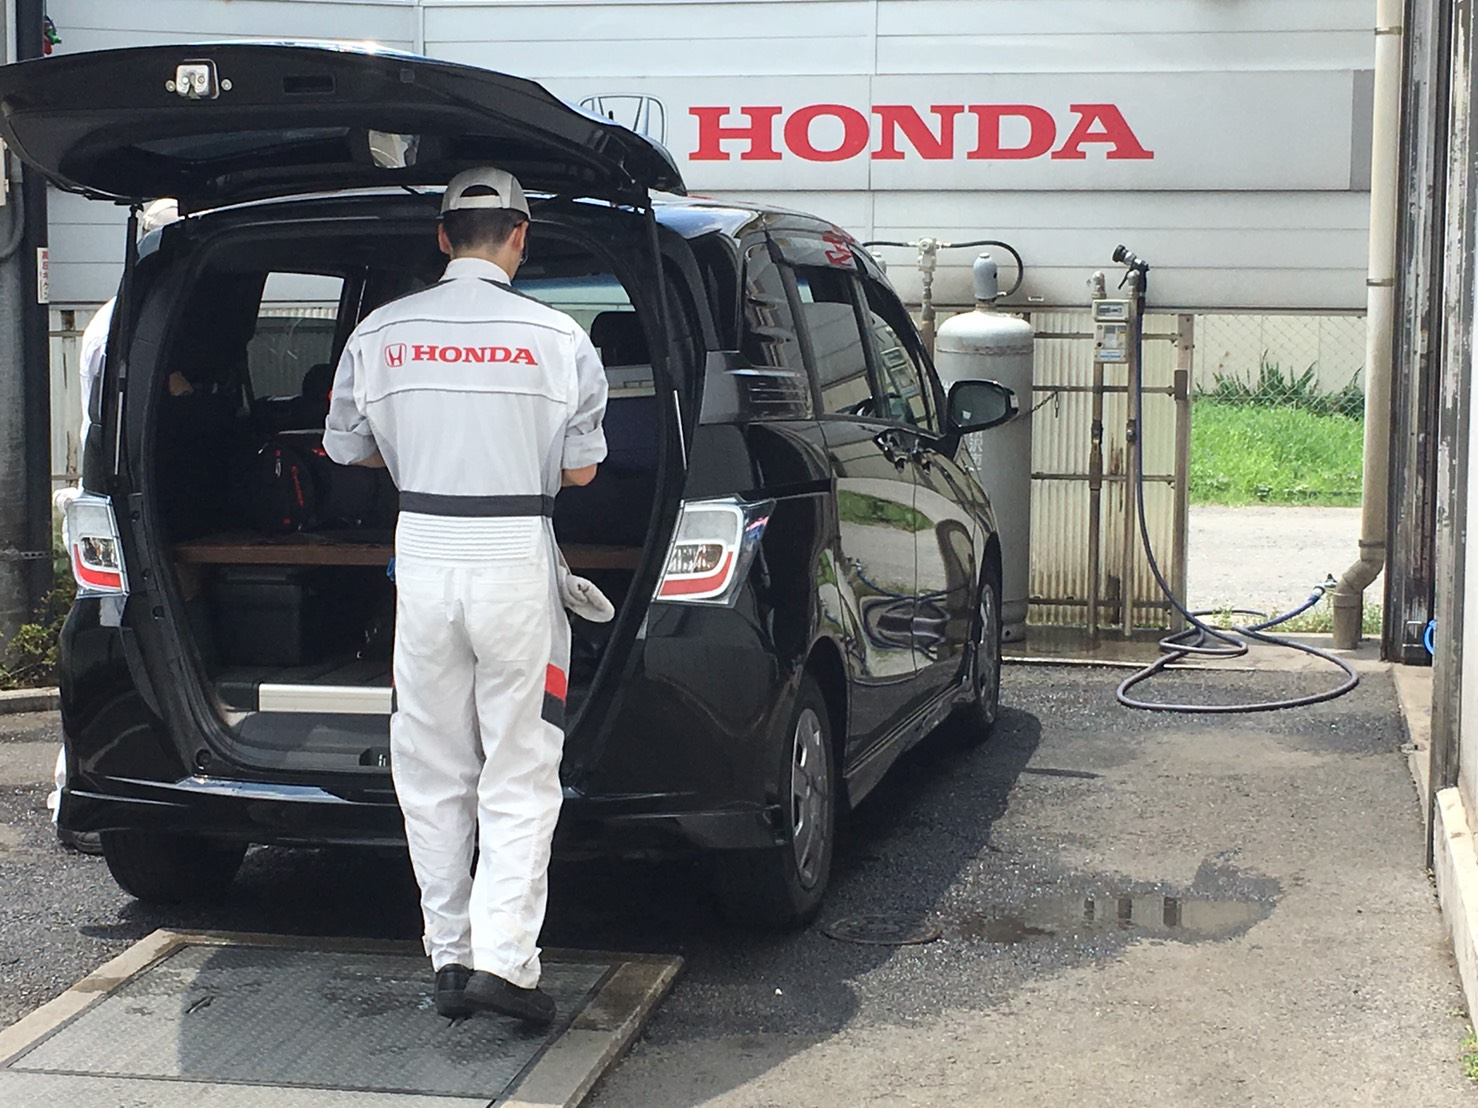 【埼玉県さいたま市】自動車のプロフェッショナルとして一緒に働きませんか?【Honda】